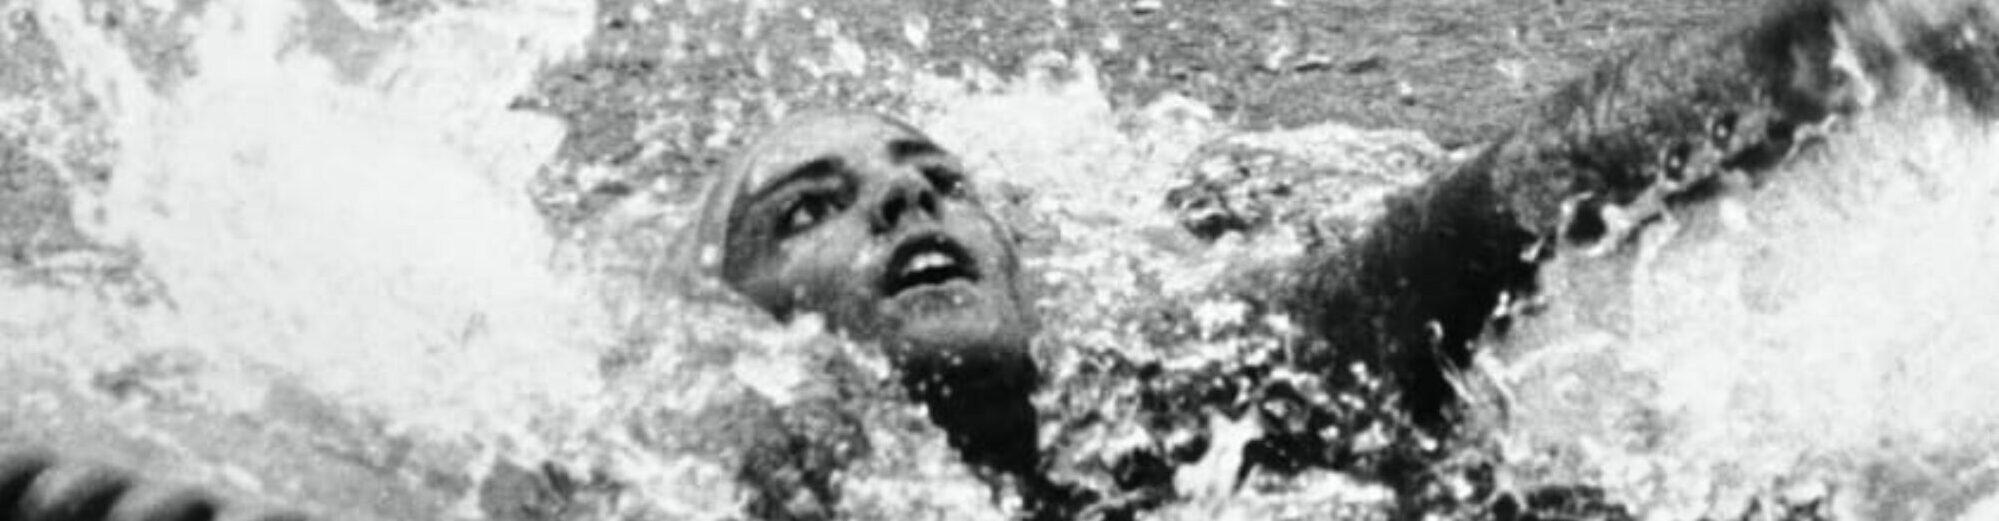 Sport olympique au féminin